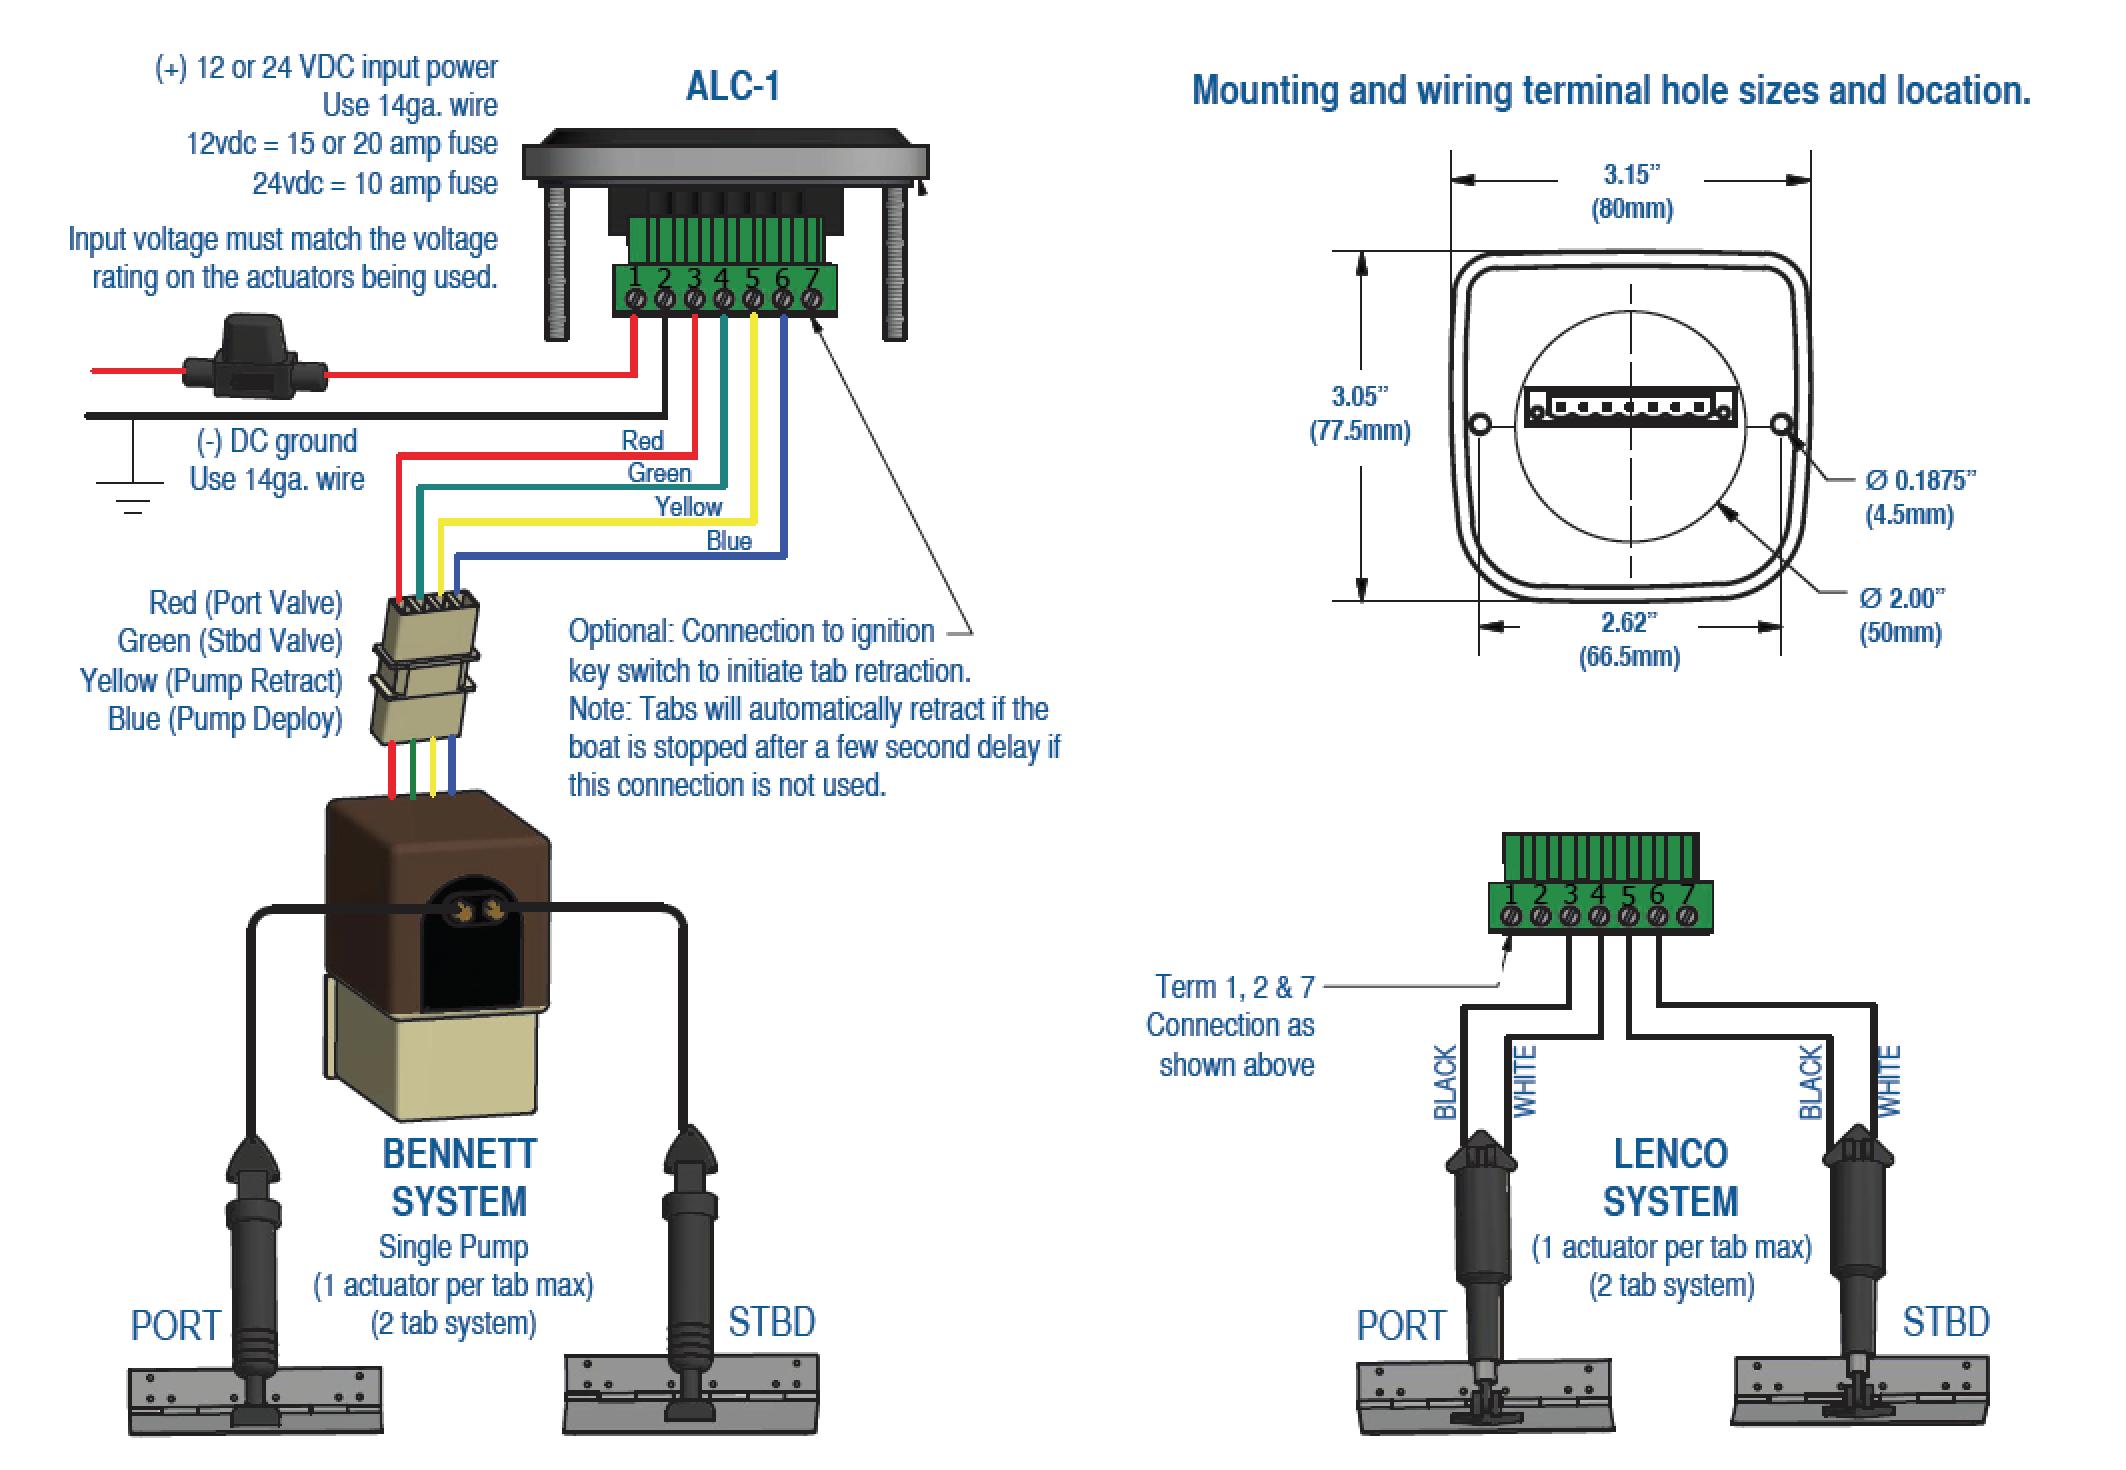 [FPWZ_2684]  AO_0395] Bennett Trim Tab Pump Wiring Diagram Download Diagram   Trim Tabs Wiring Diagram      Groa Obenz Dimet Inrebe Mohammedshrine Librar Wiring 101